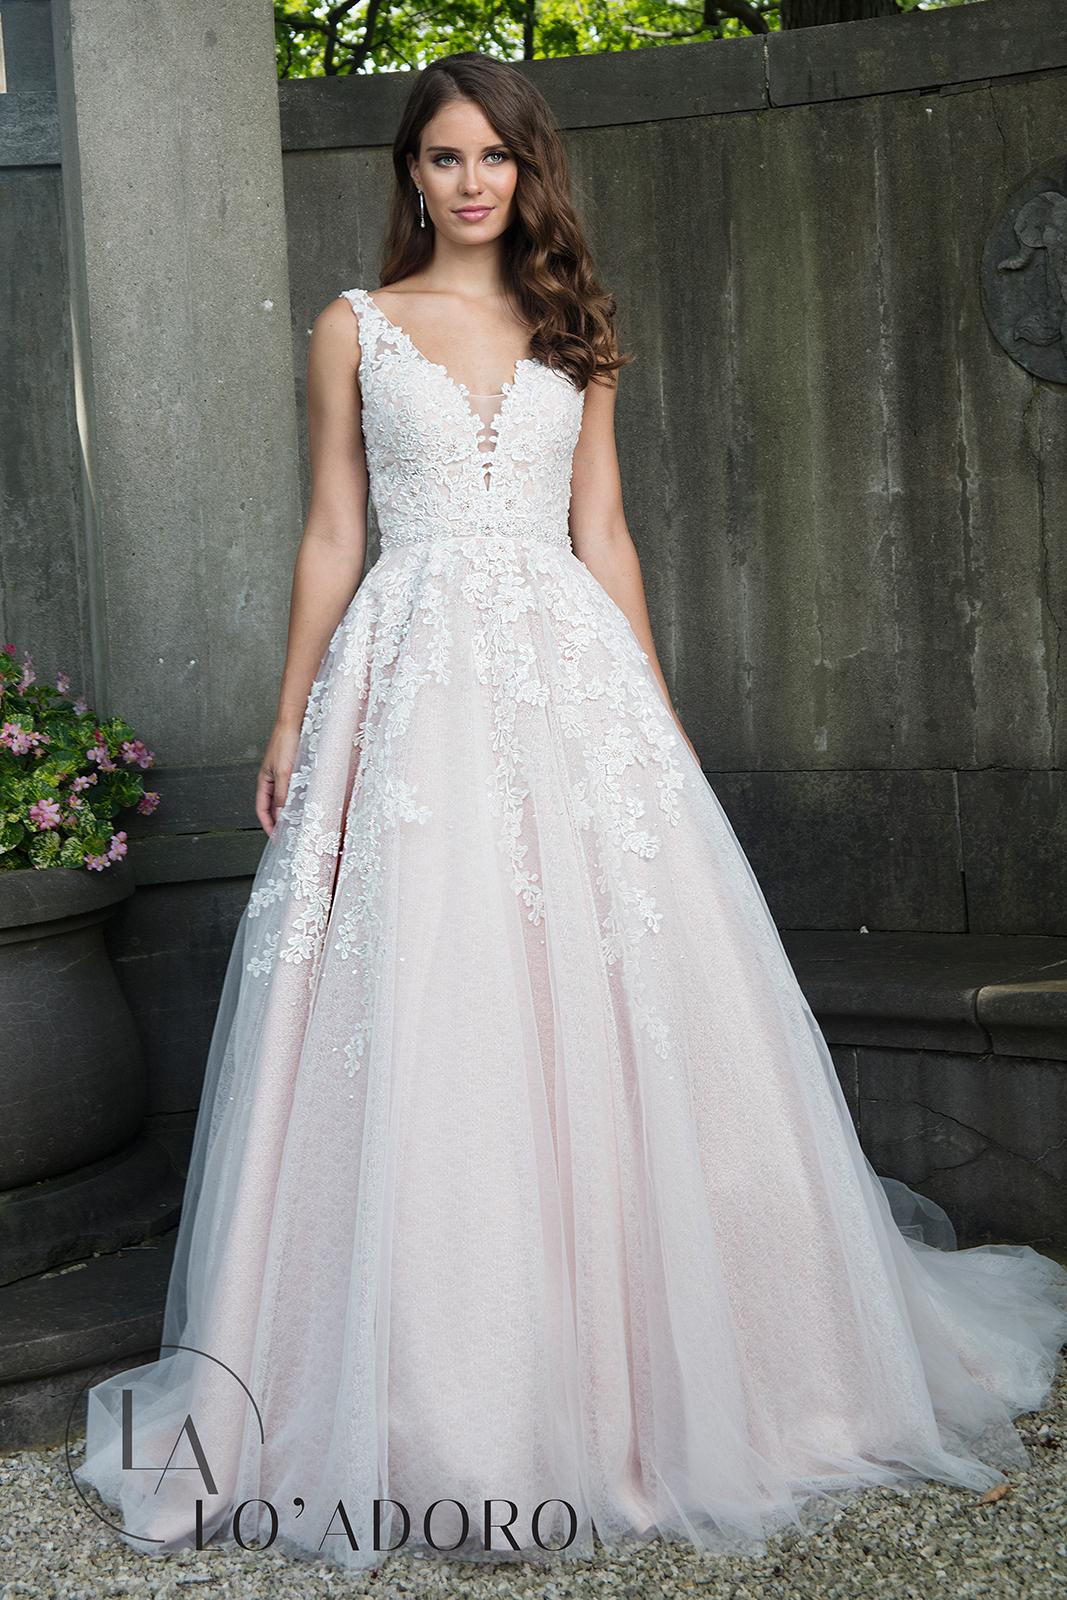 Lo Adoro Bridal Dresses | Lo' Adoro | Style - M636